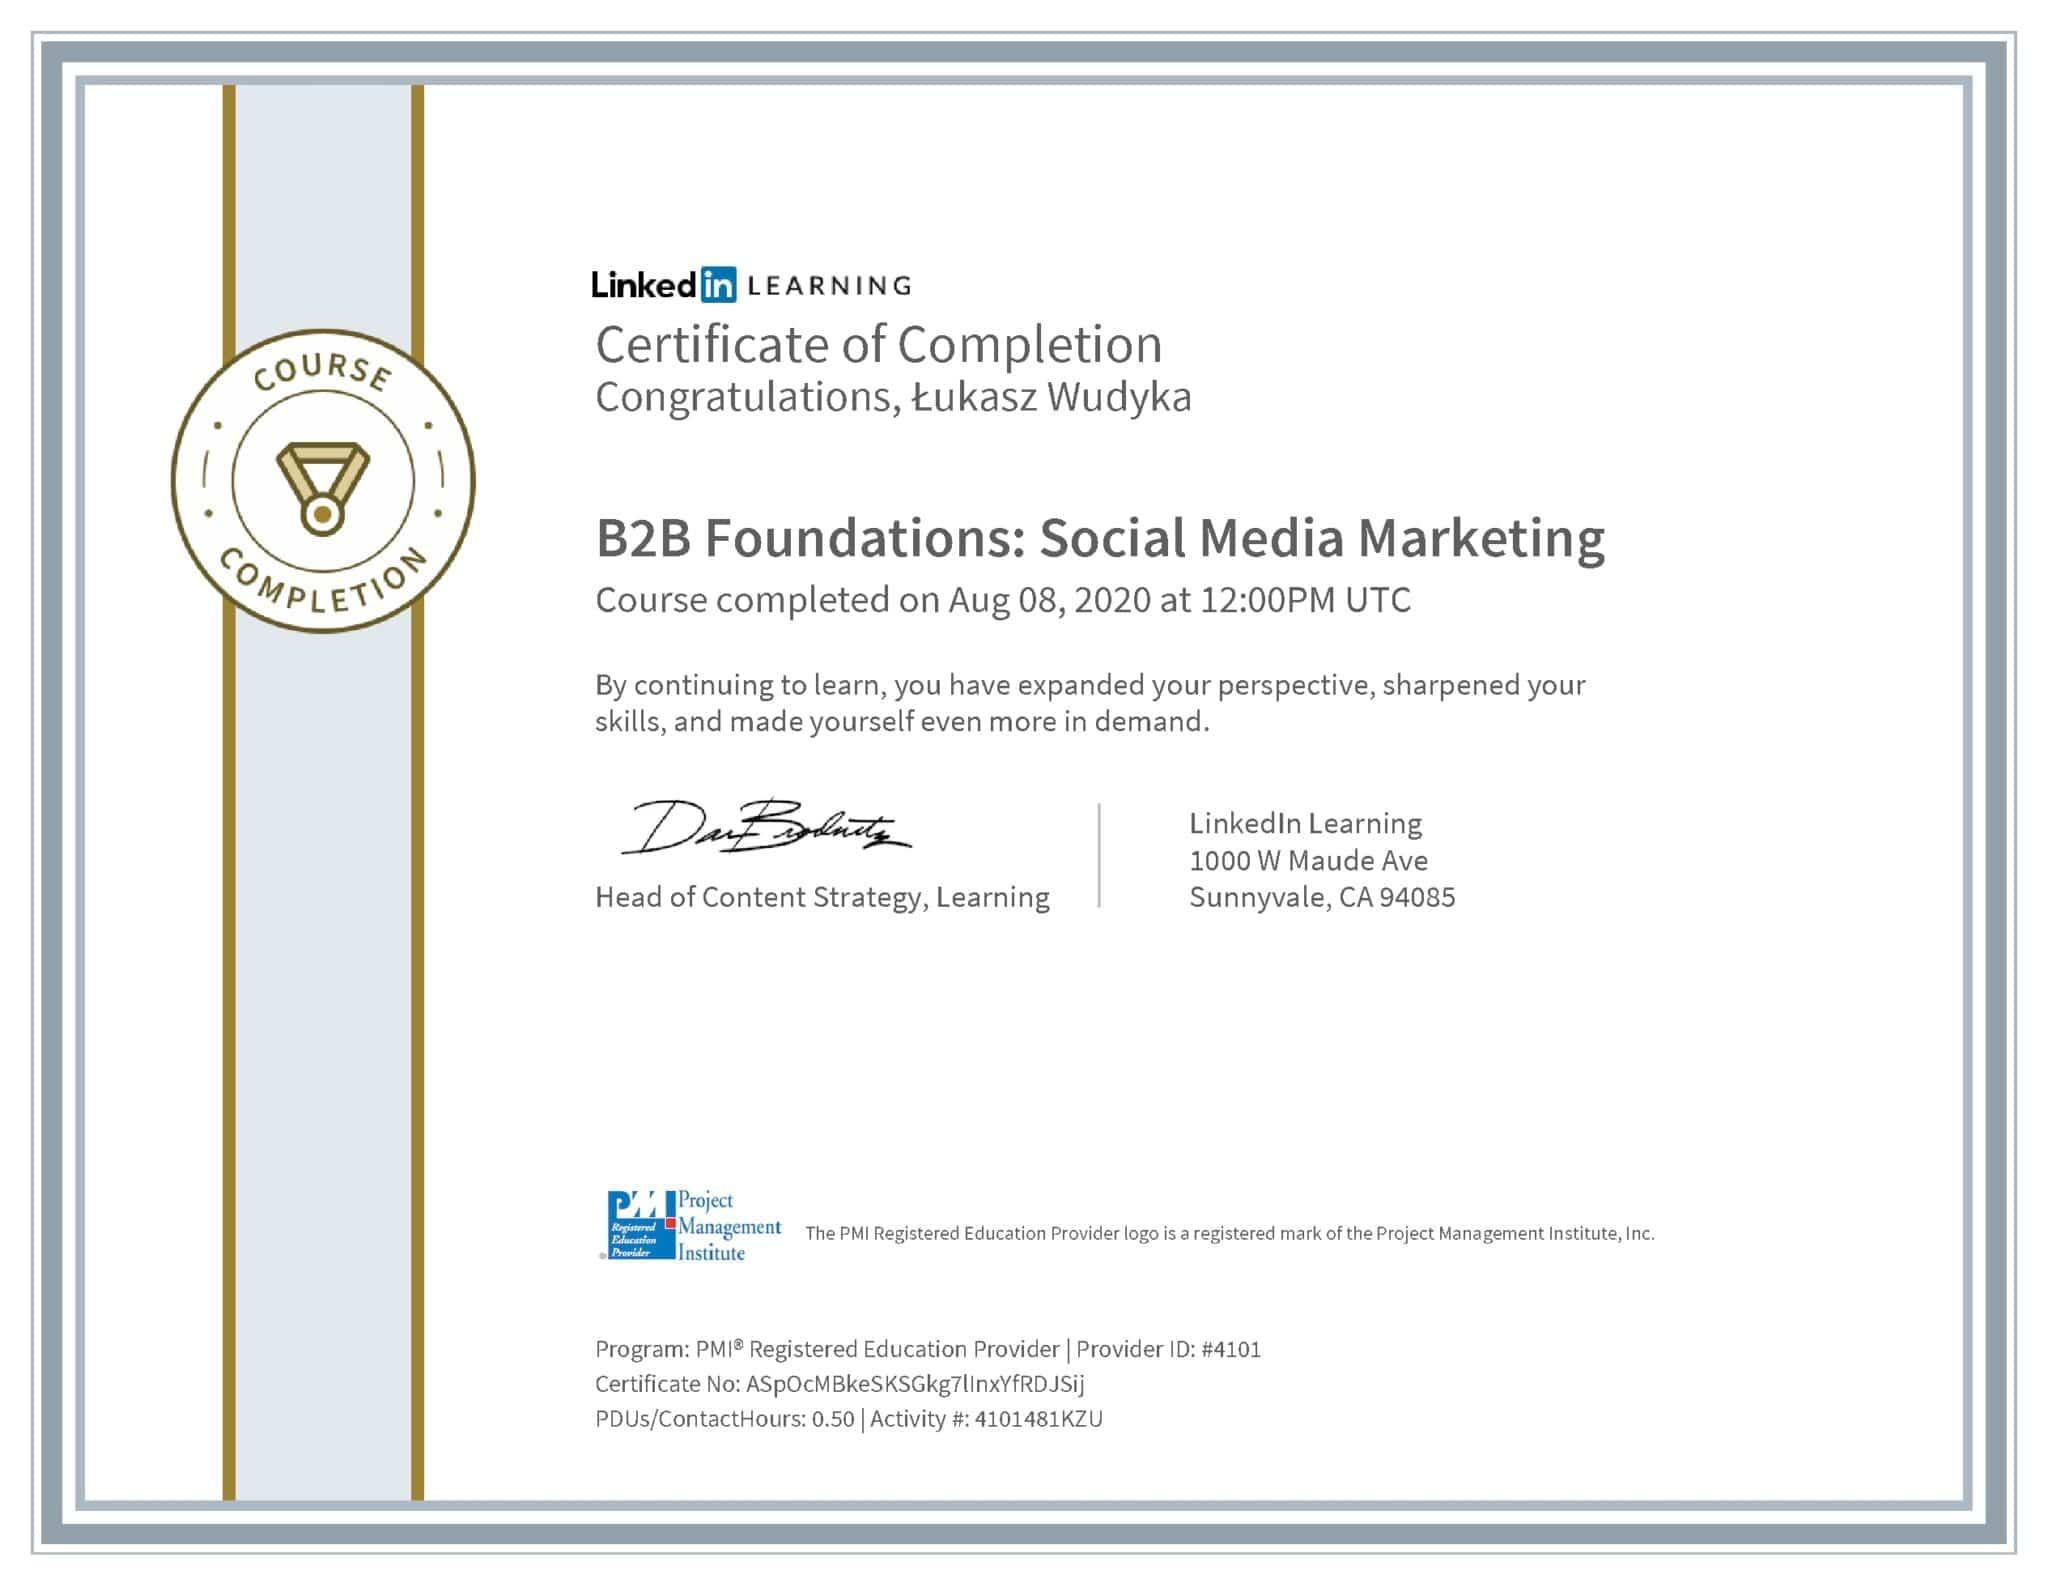 Łukasz Wudyka certyfikat LinkedIn B2B Foundations: Social Media Marketing PMI